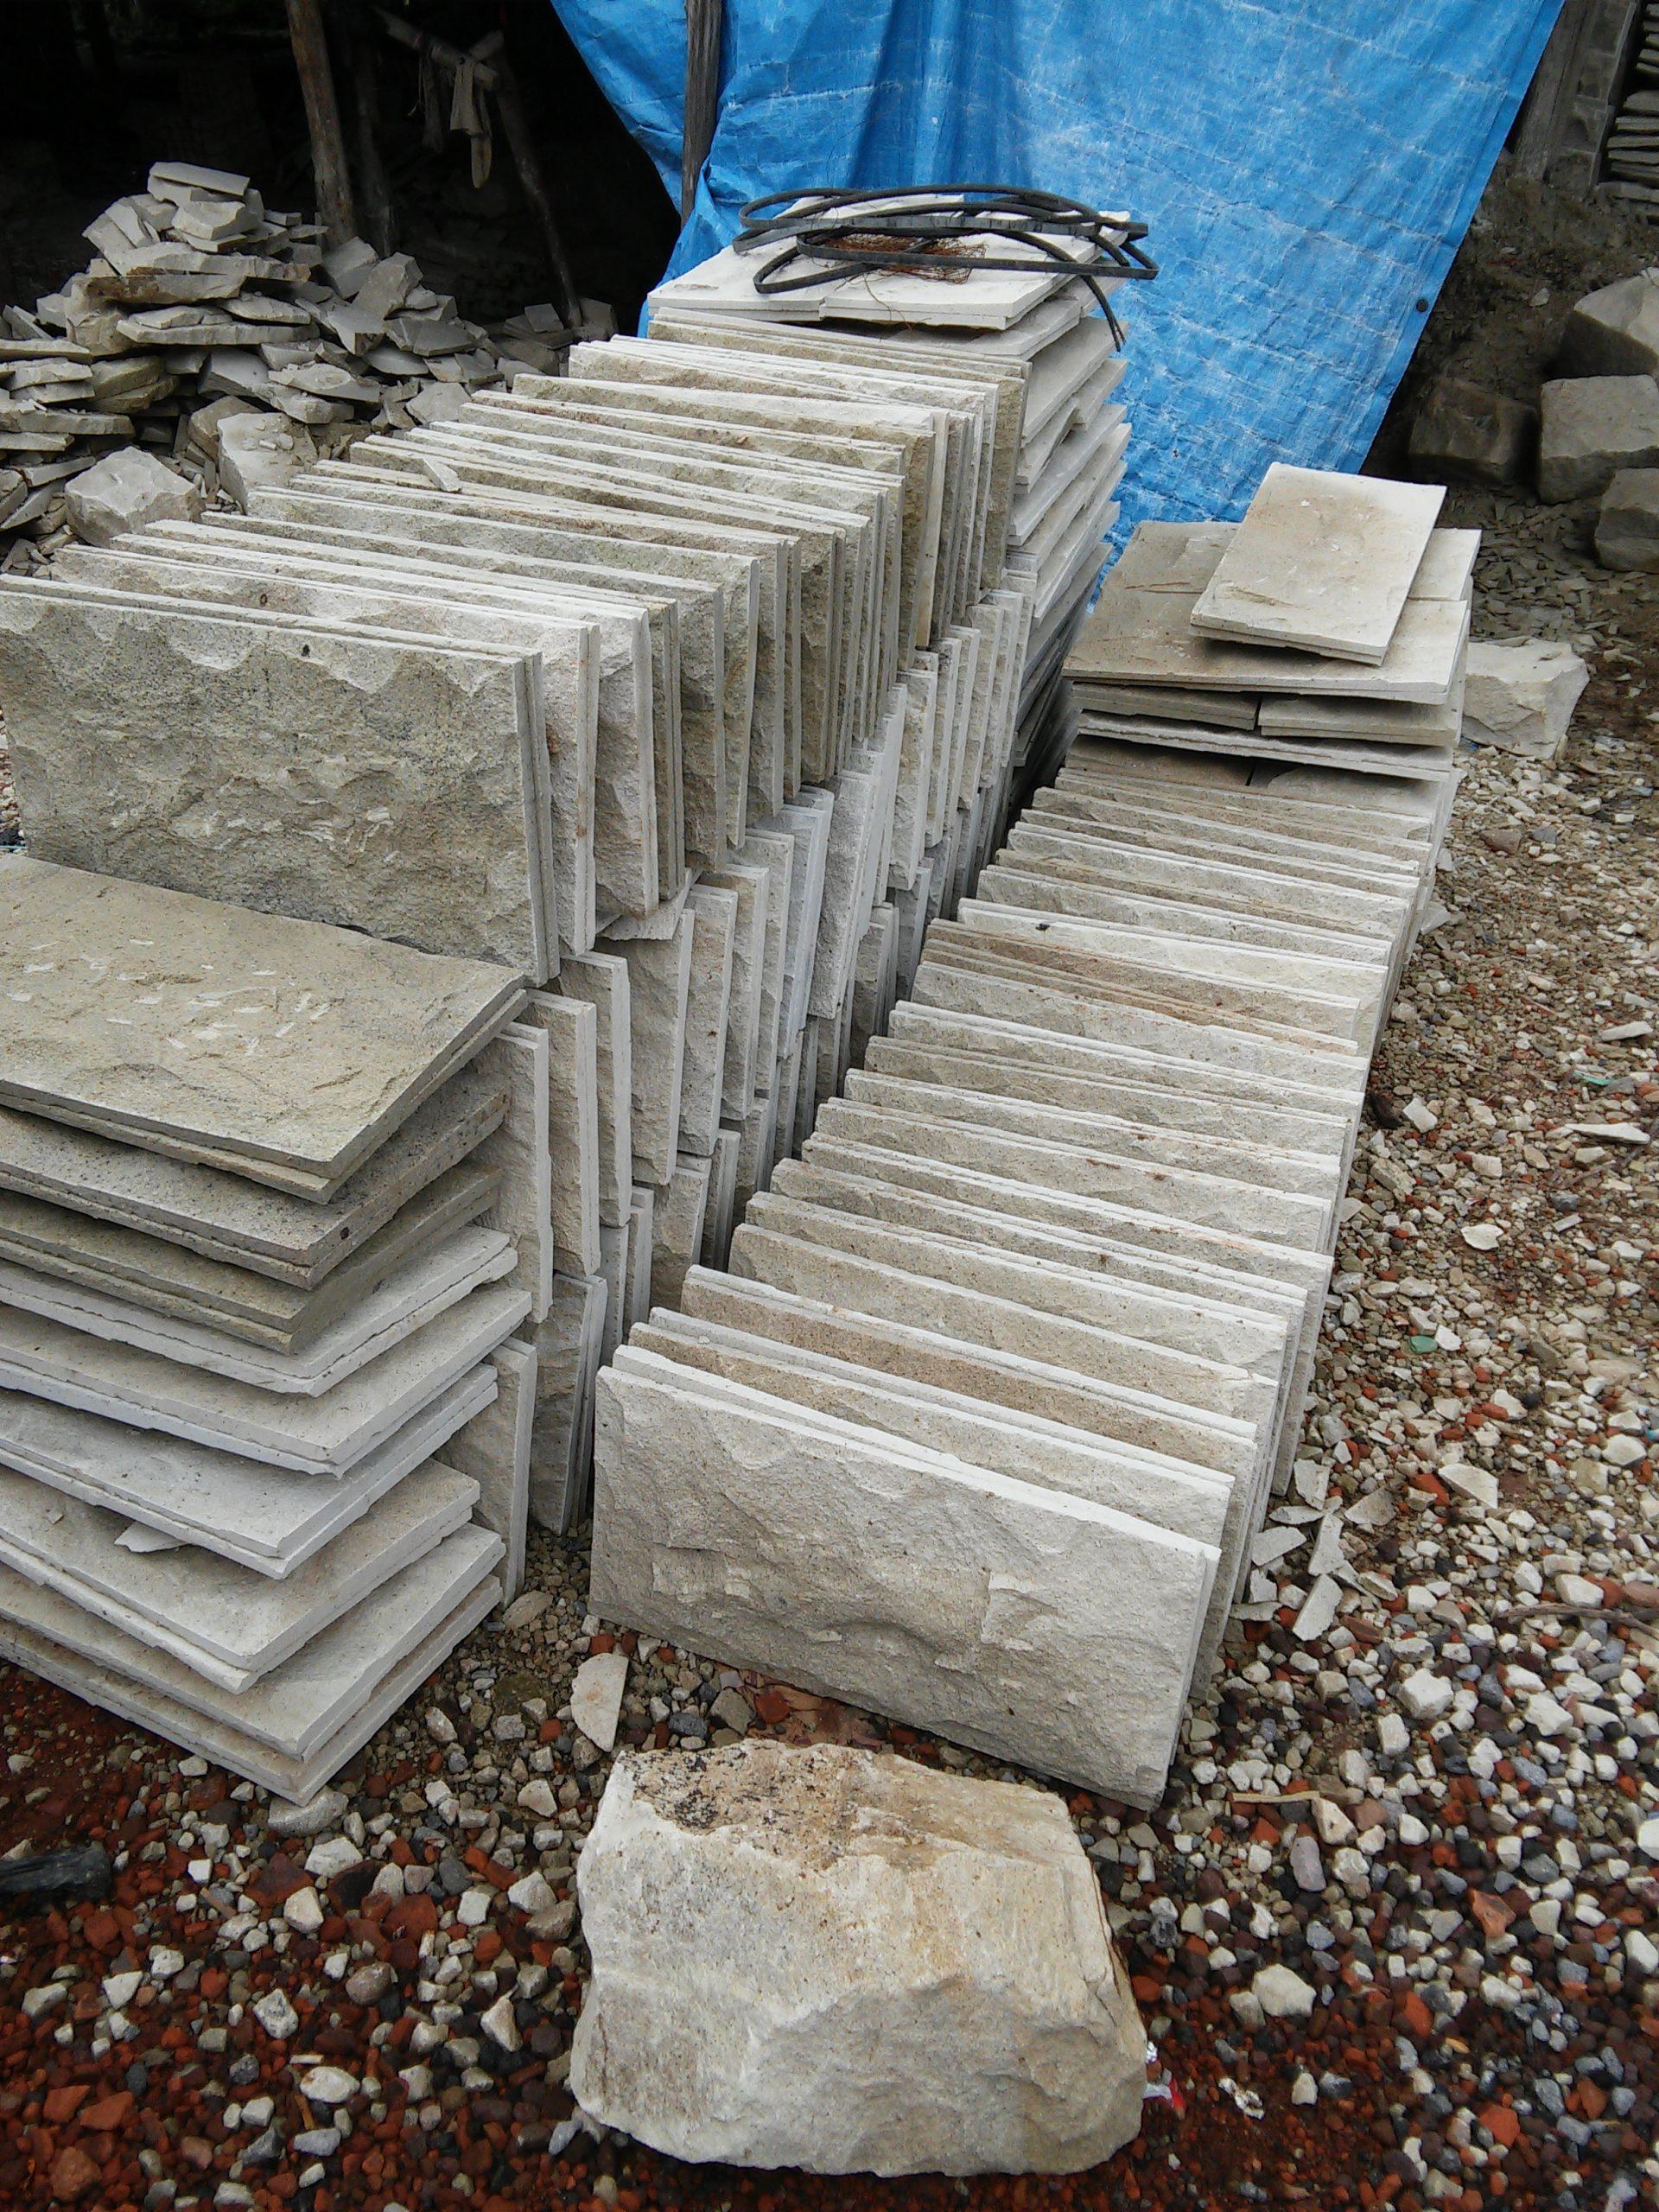 Jual Batu Alam Bobos | Distributor dan Supplier Batu Alam